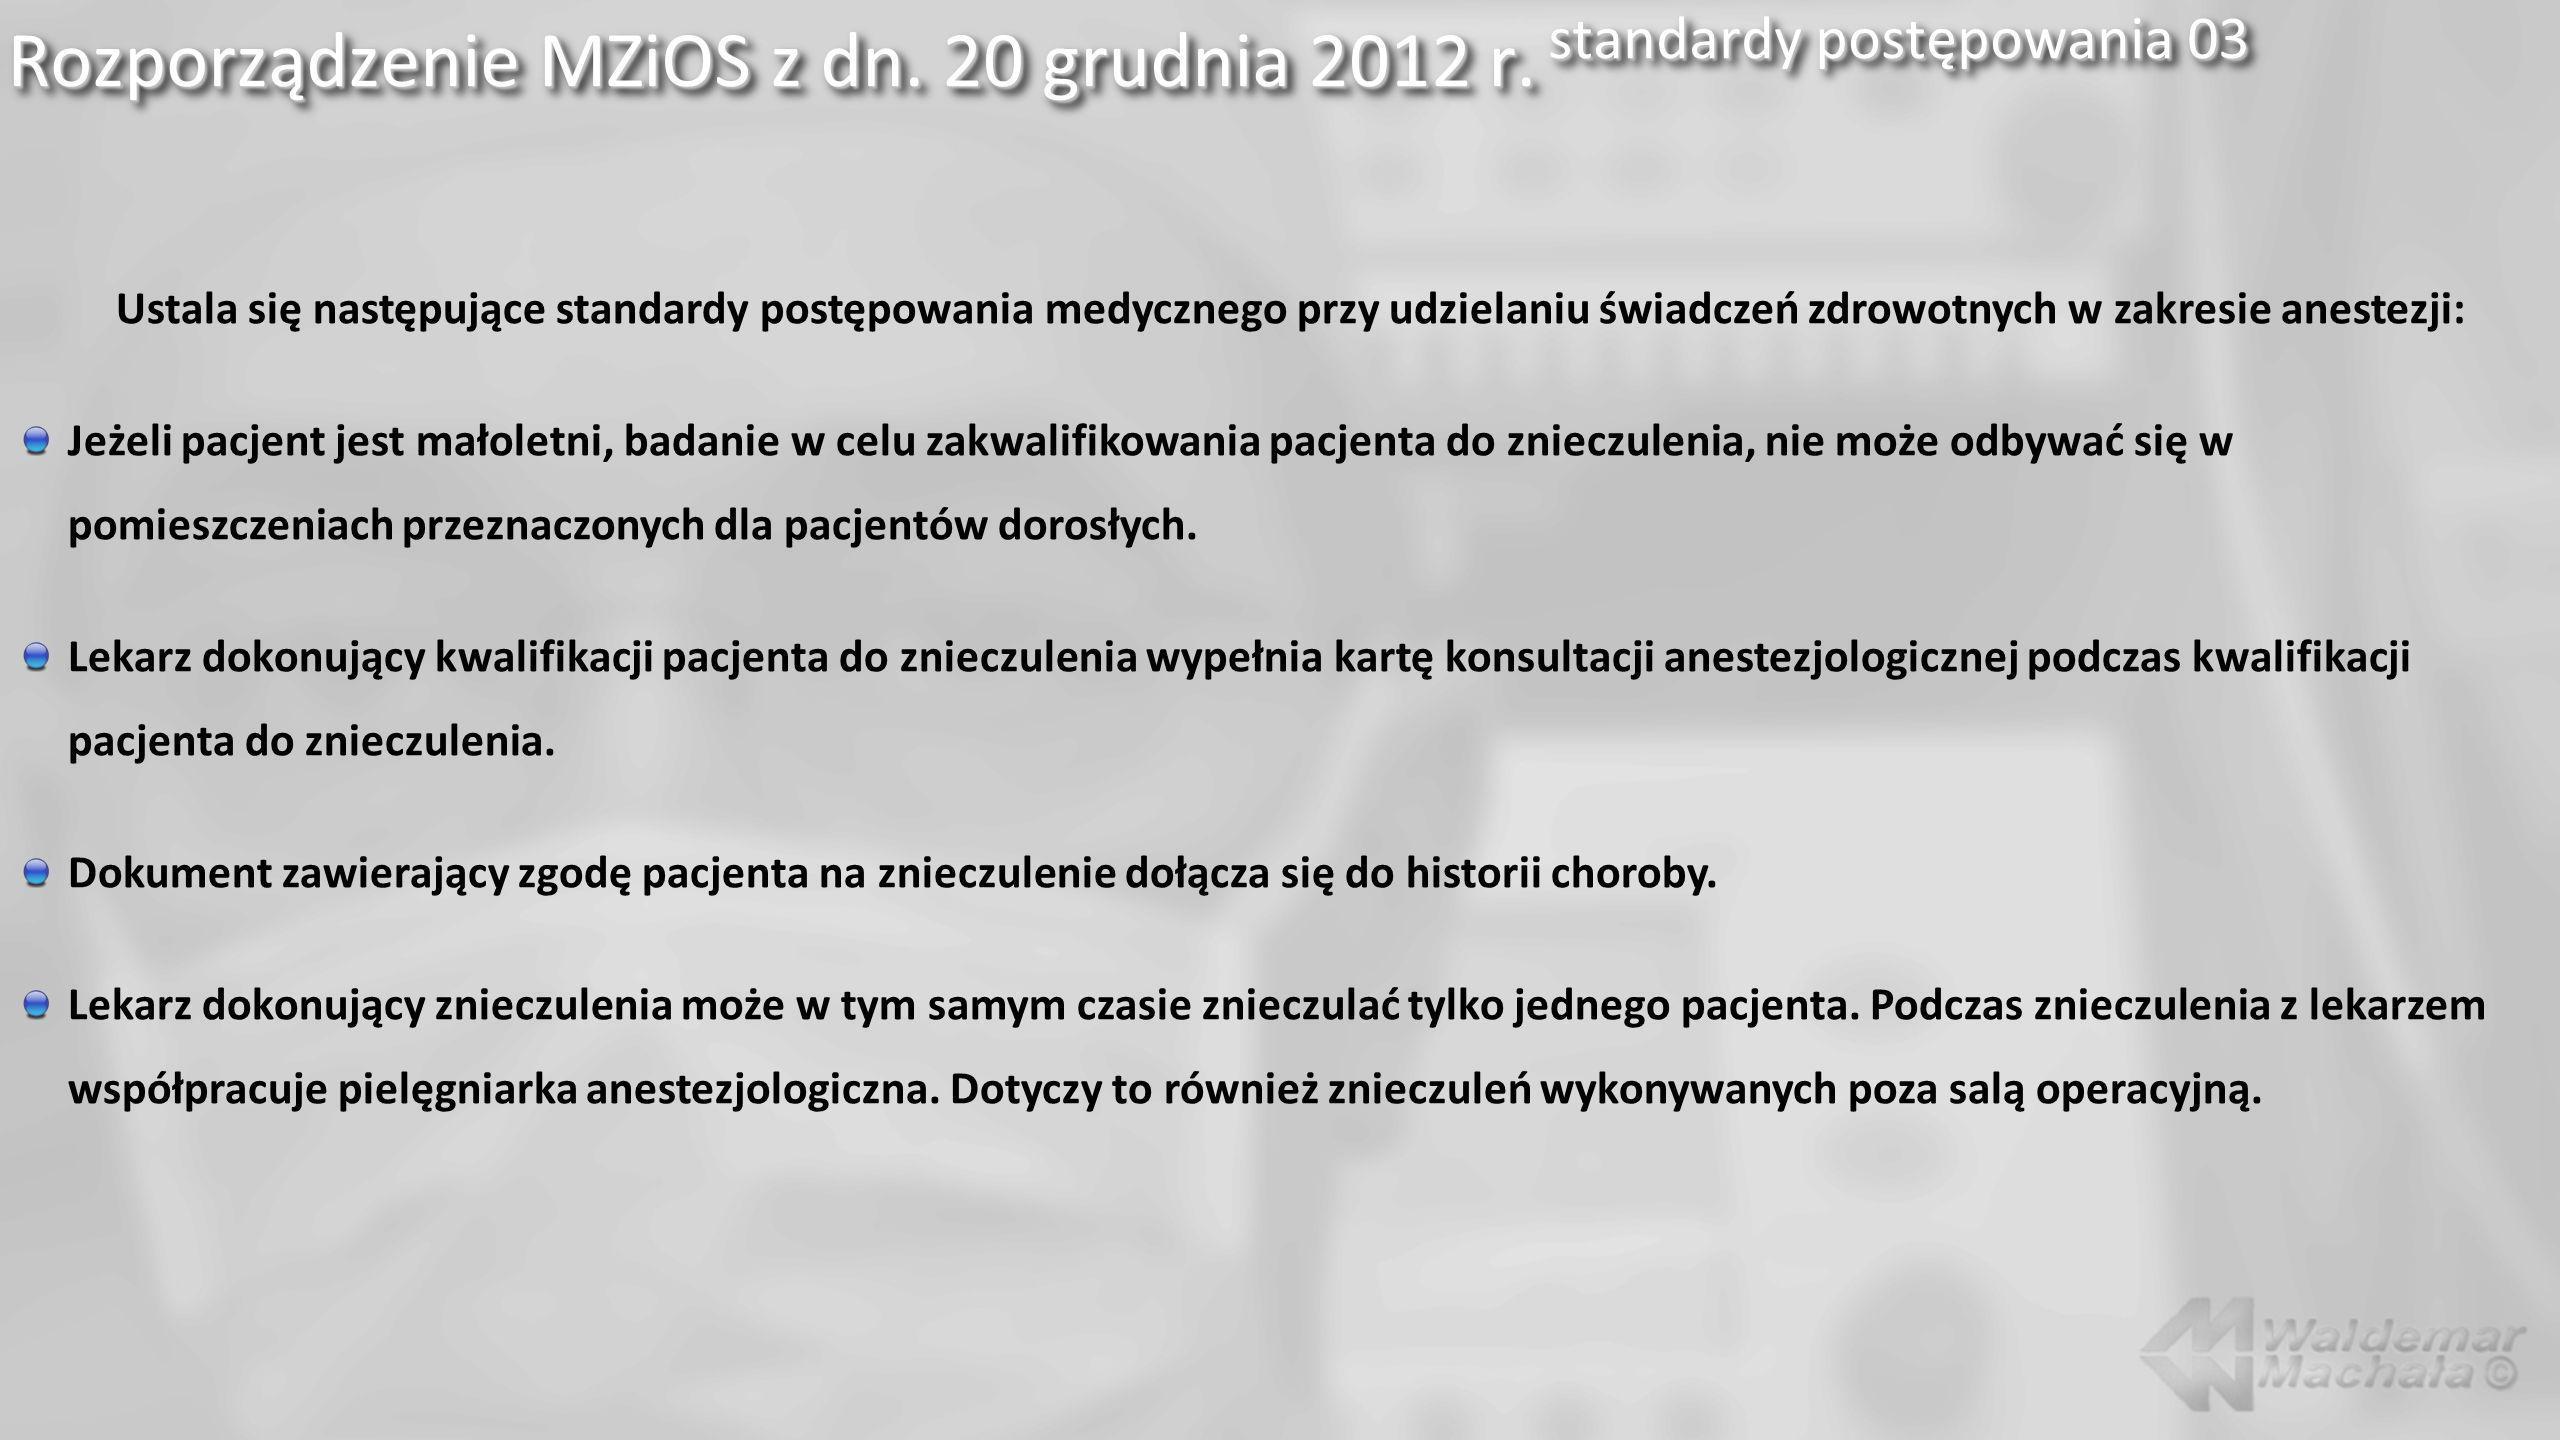 Rozporządzenie MZiOS z dn. 20 grudnia 2012 r. standardy postępowania 03